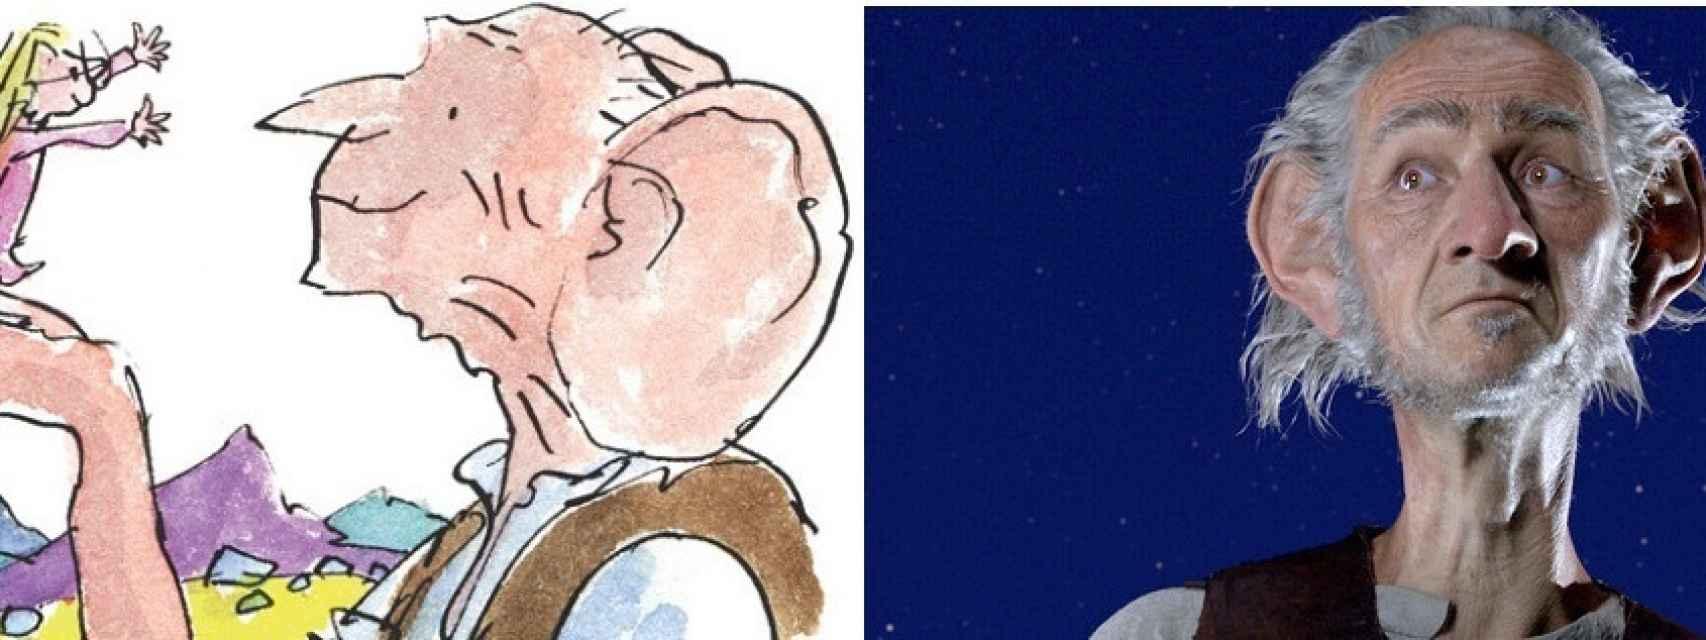 A la derecha, la ilustración de Quentin Blake; a la izquierda la versión de Spielberg.